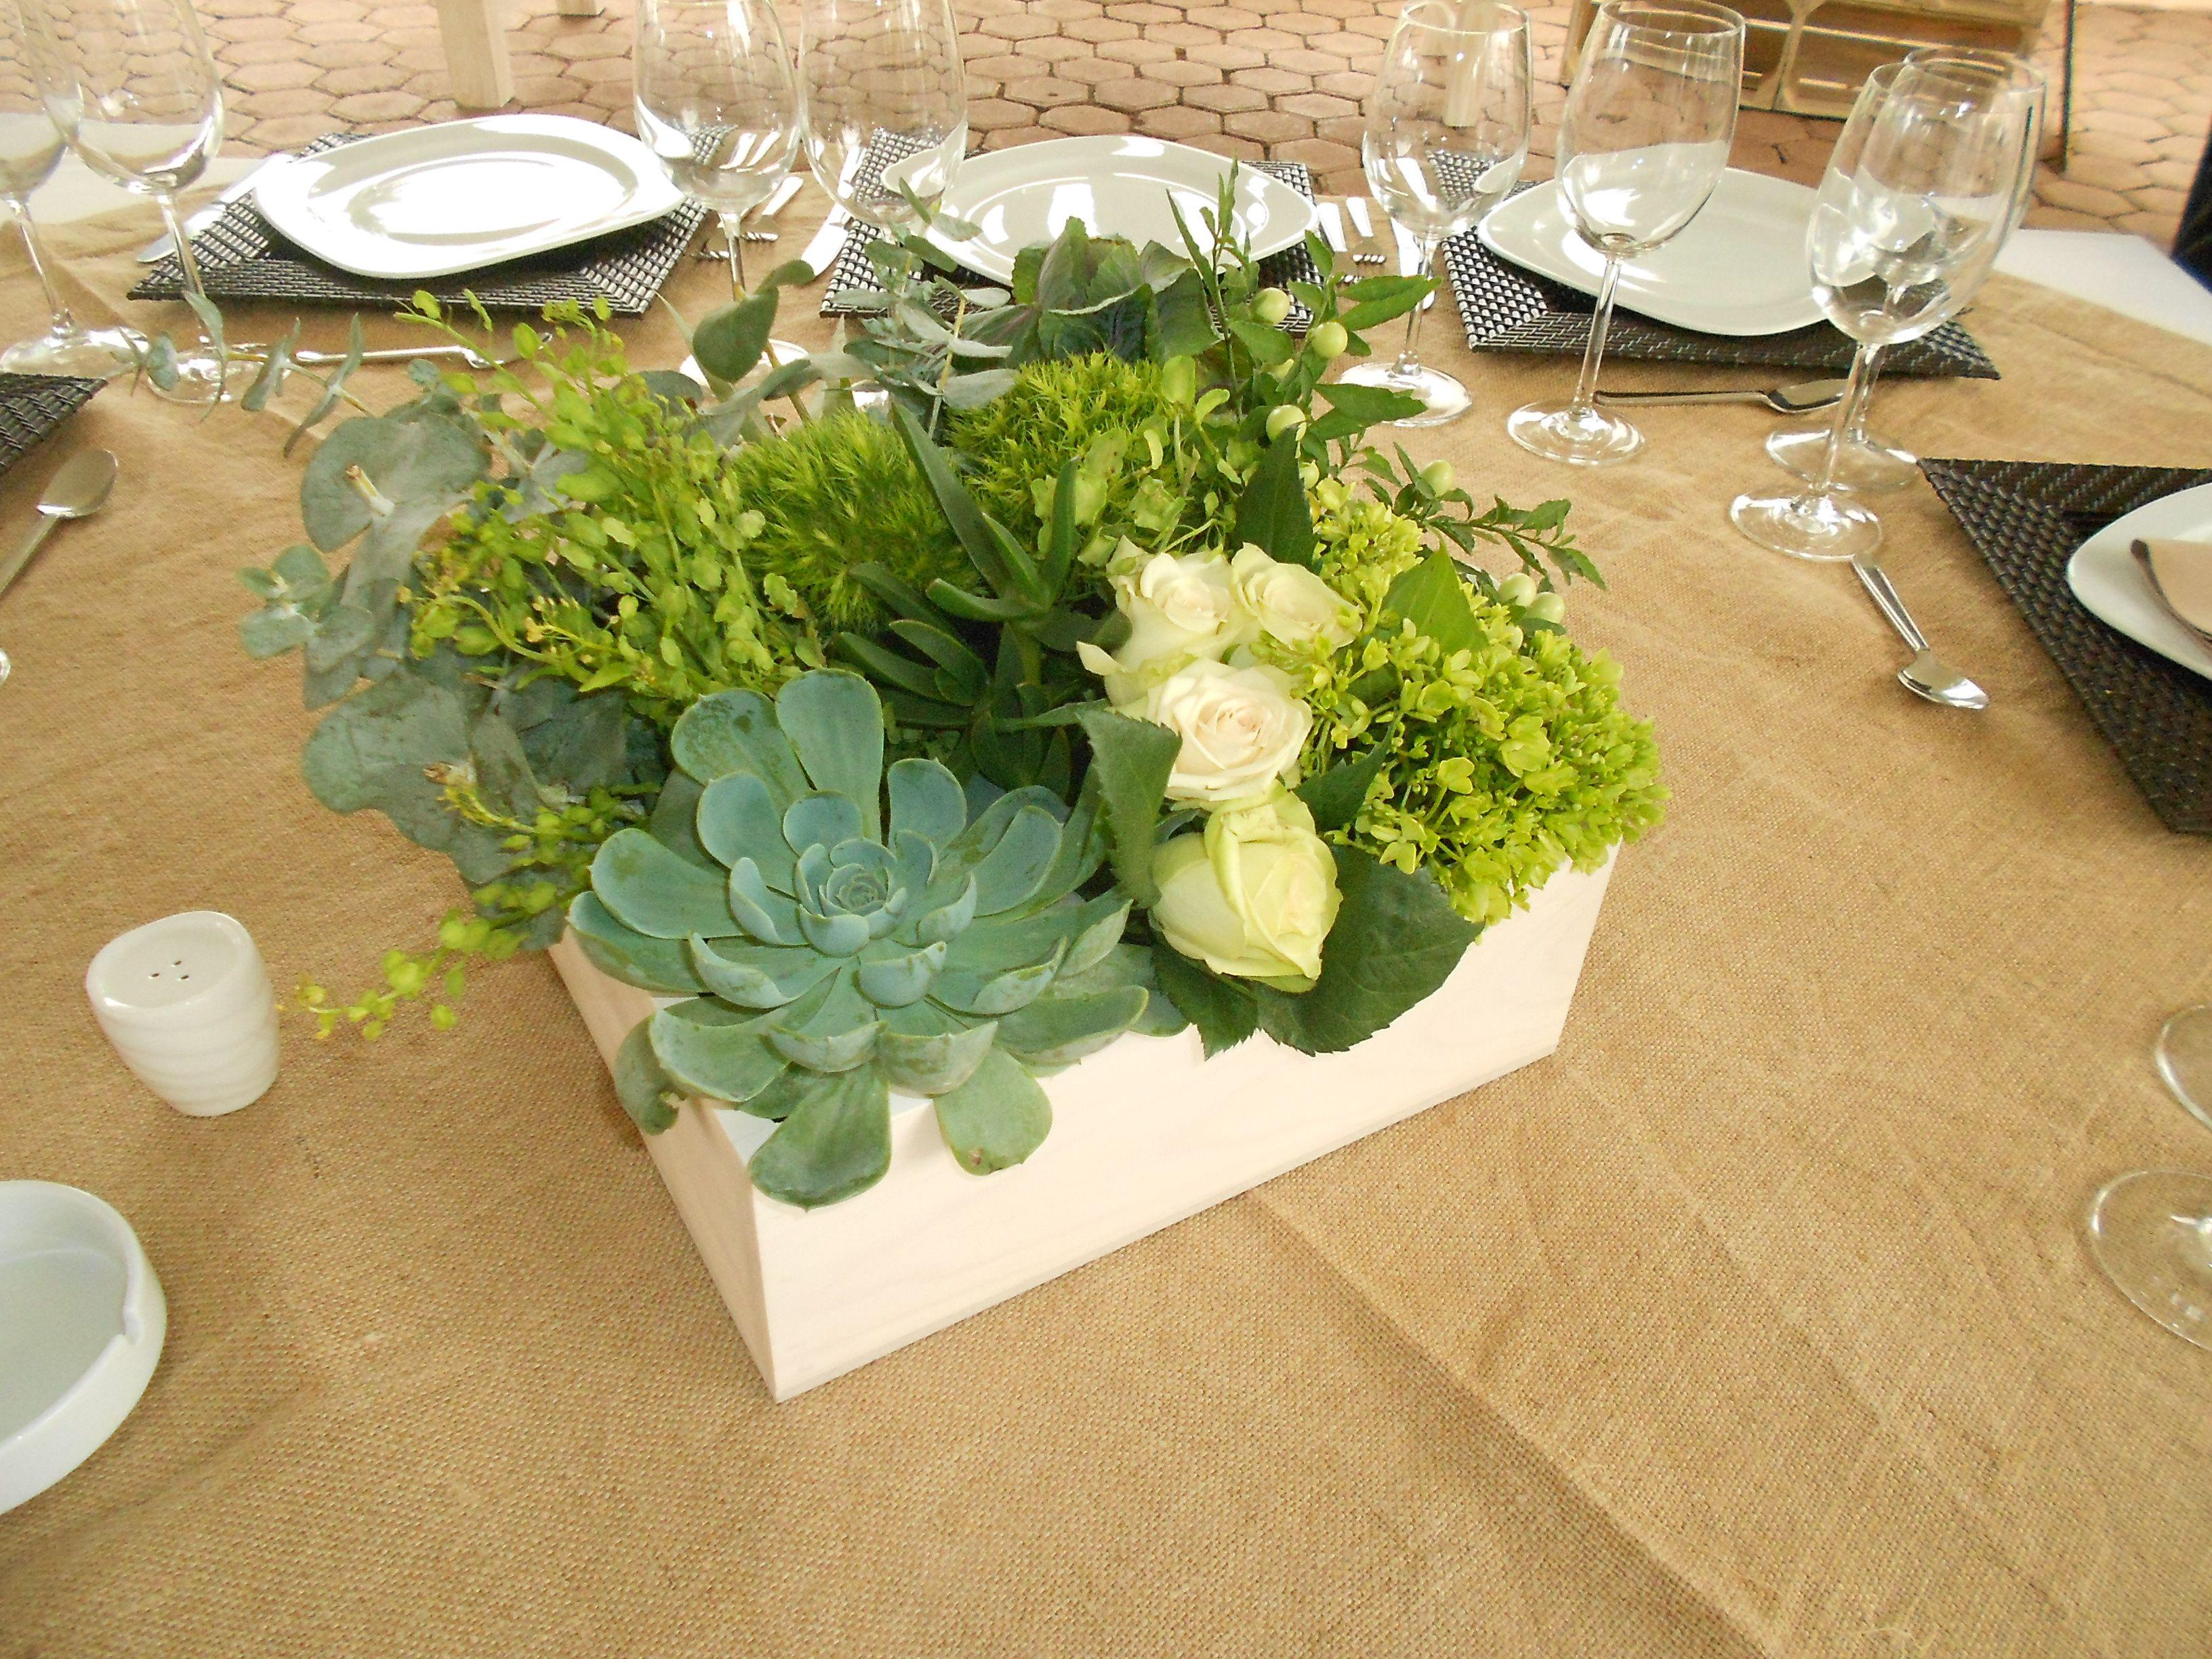 Centros de mesa con suculentas en caja de madera vintage centros de mesa para bodas - Mesas con cajas de madera ...